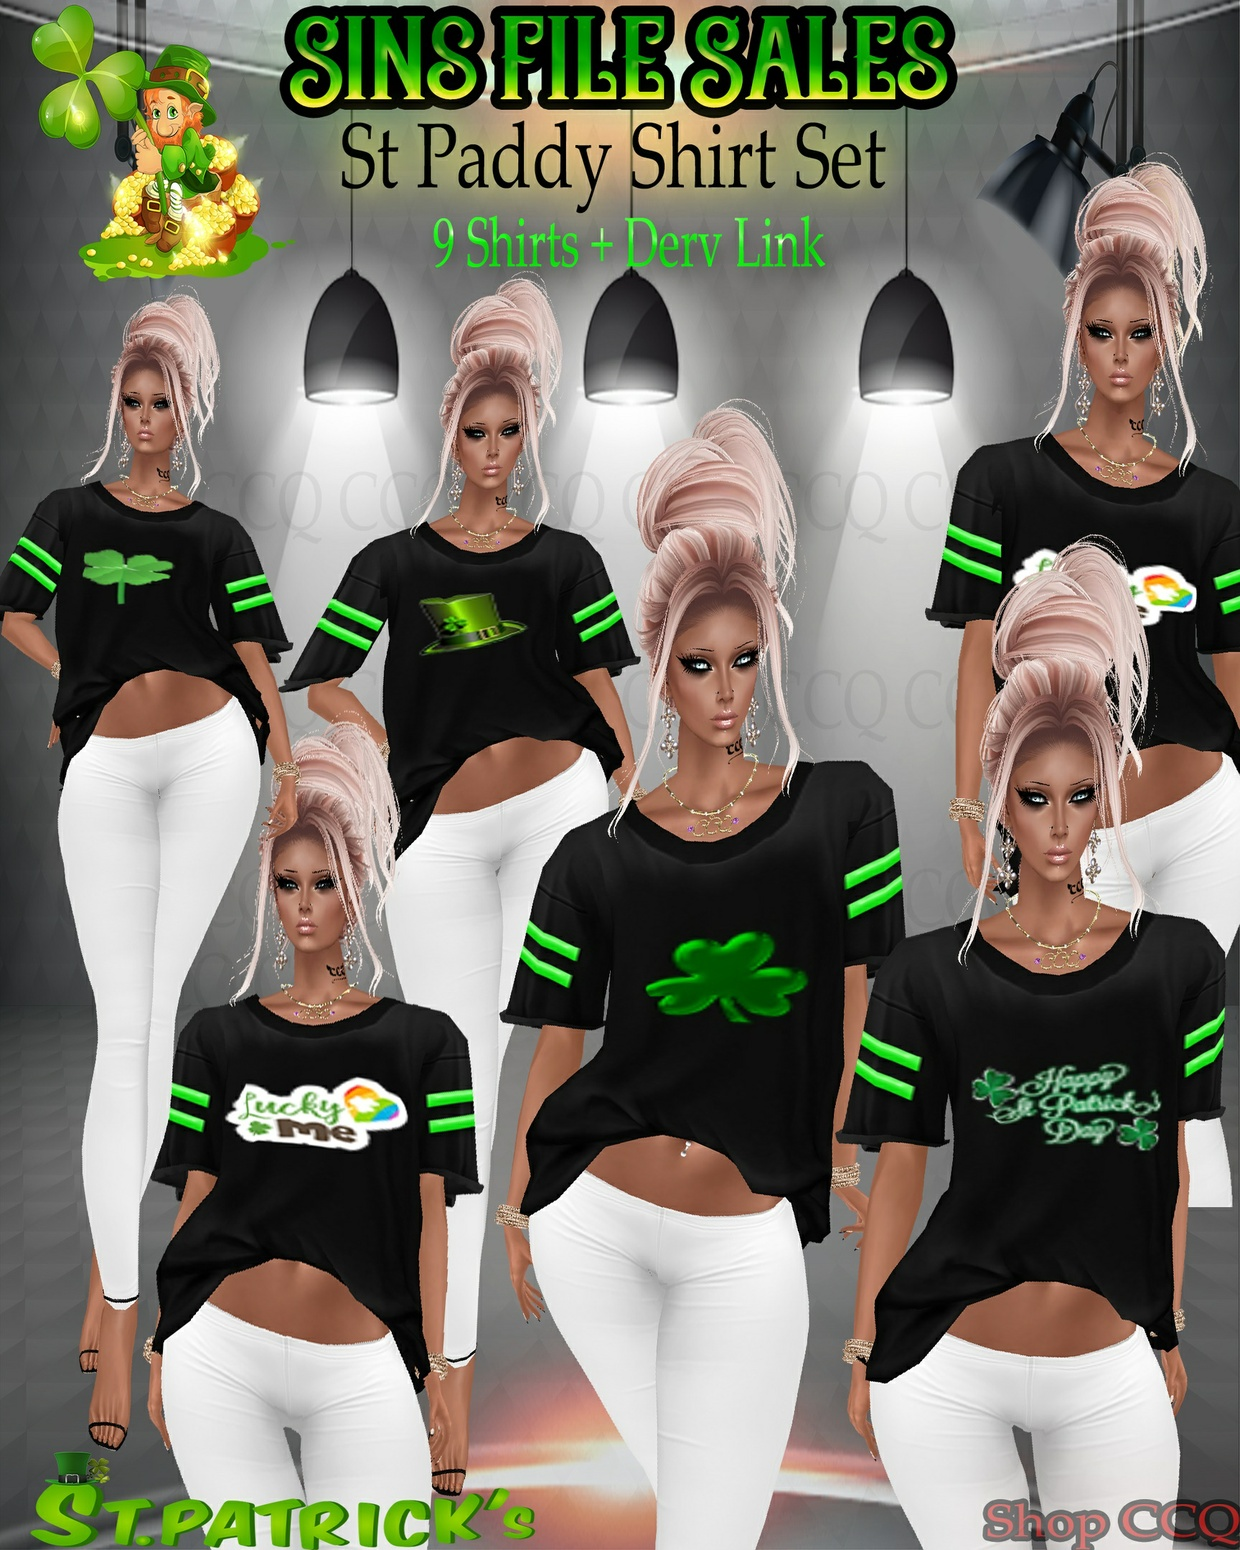 St Paddy's Day Shirt Set *9 Shirts